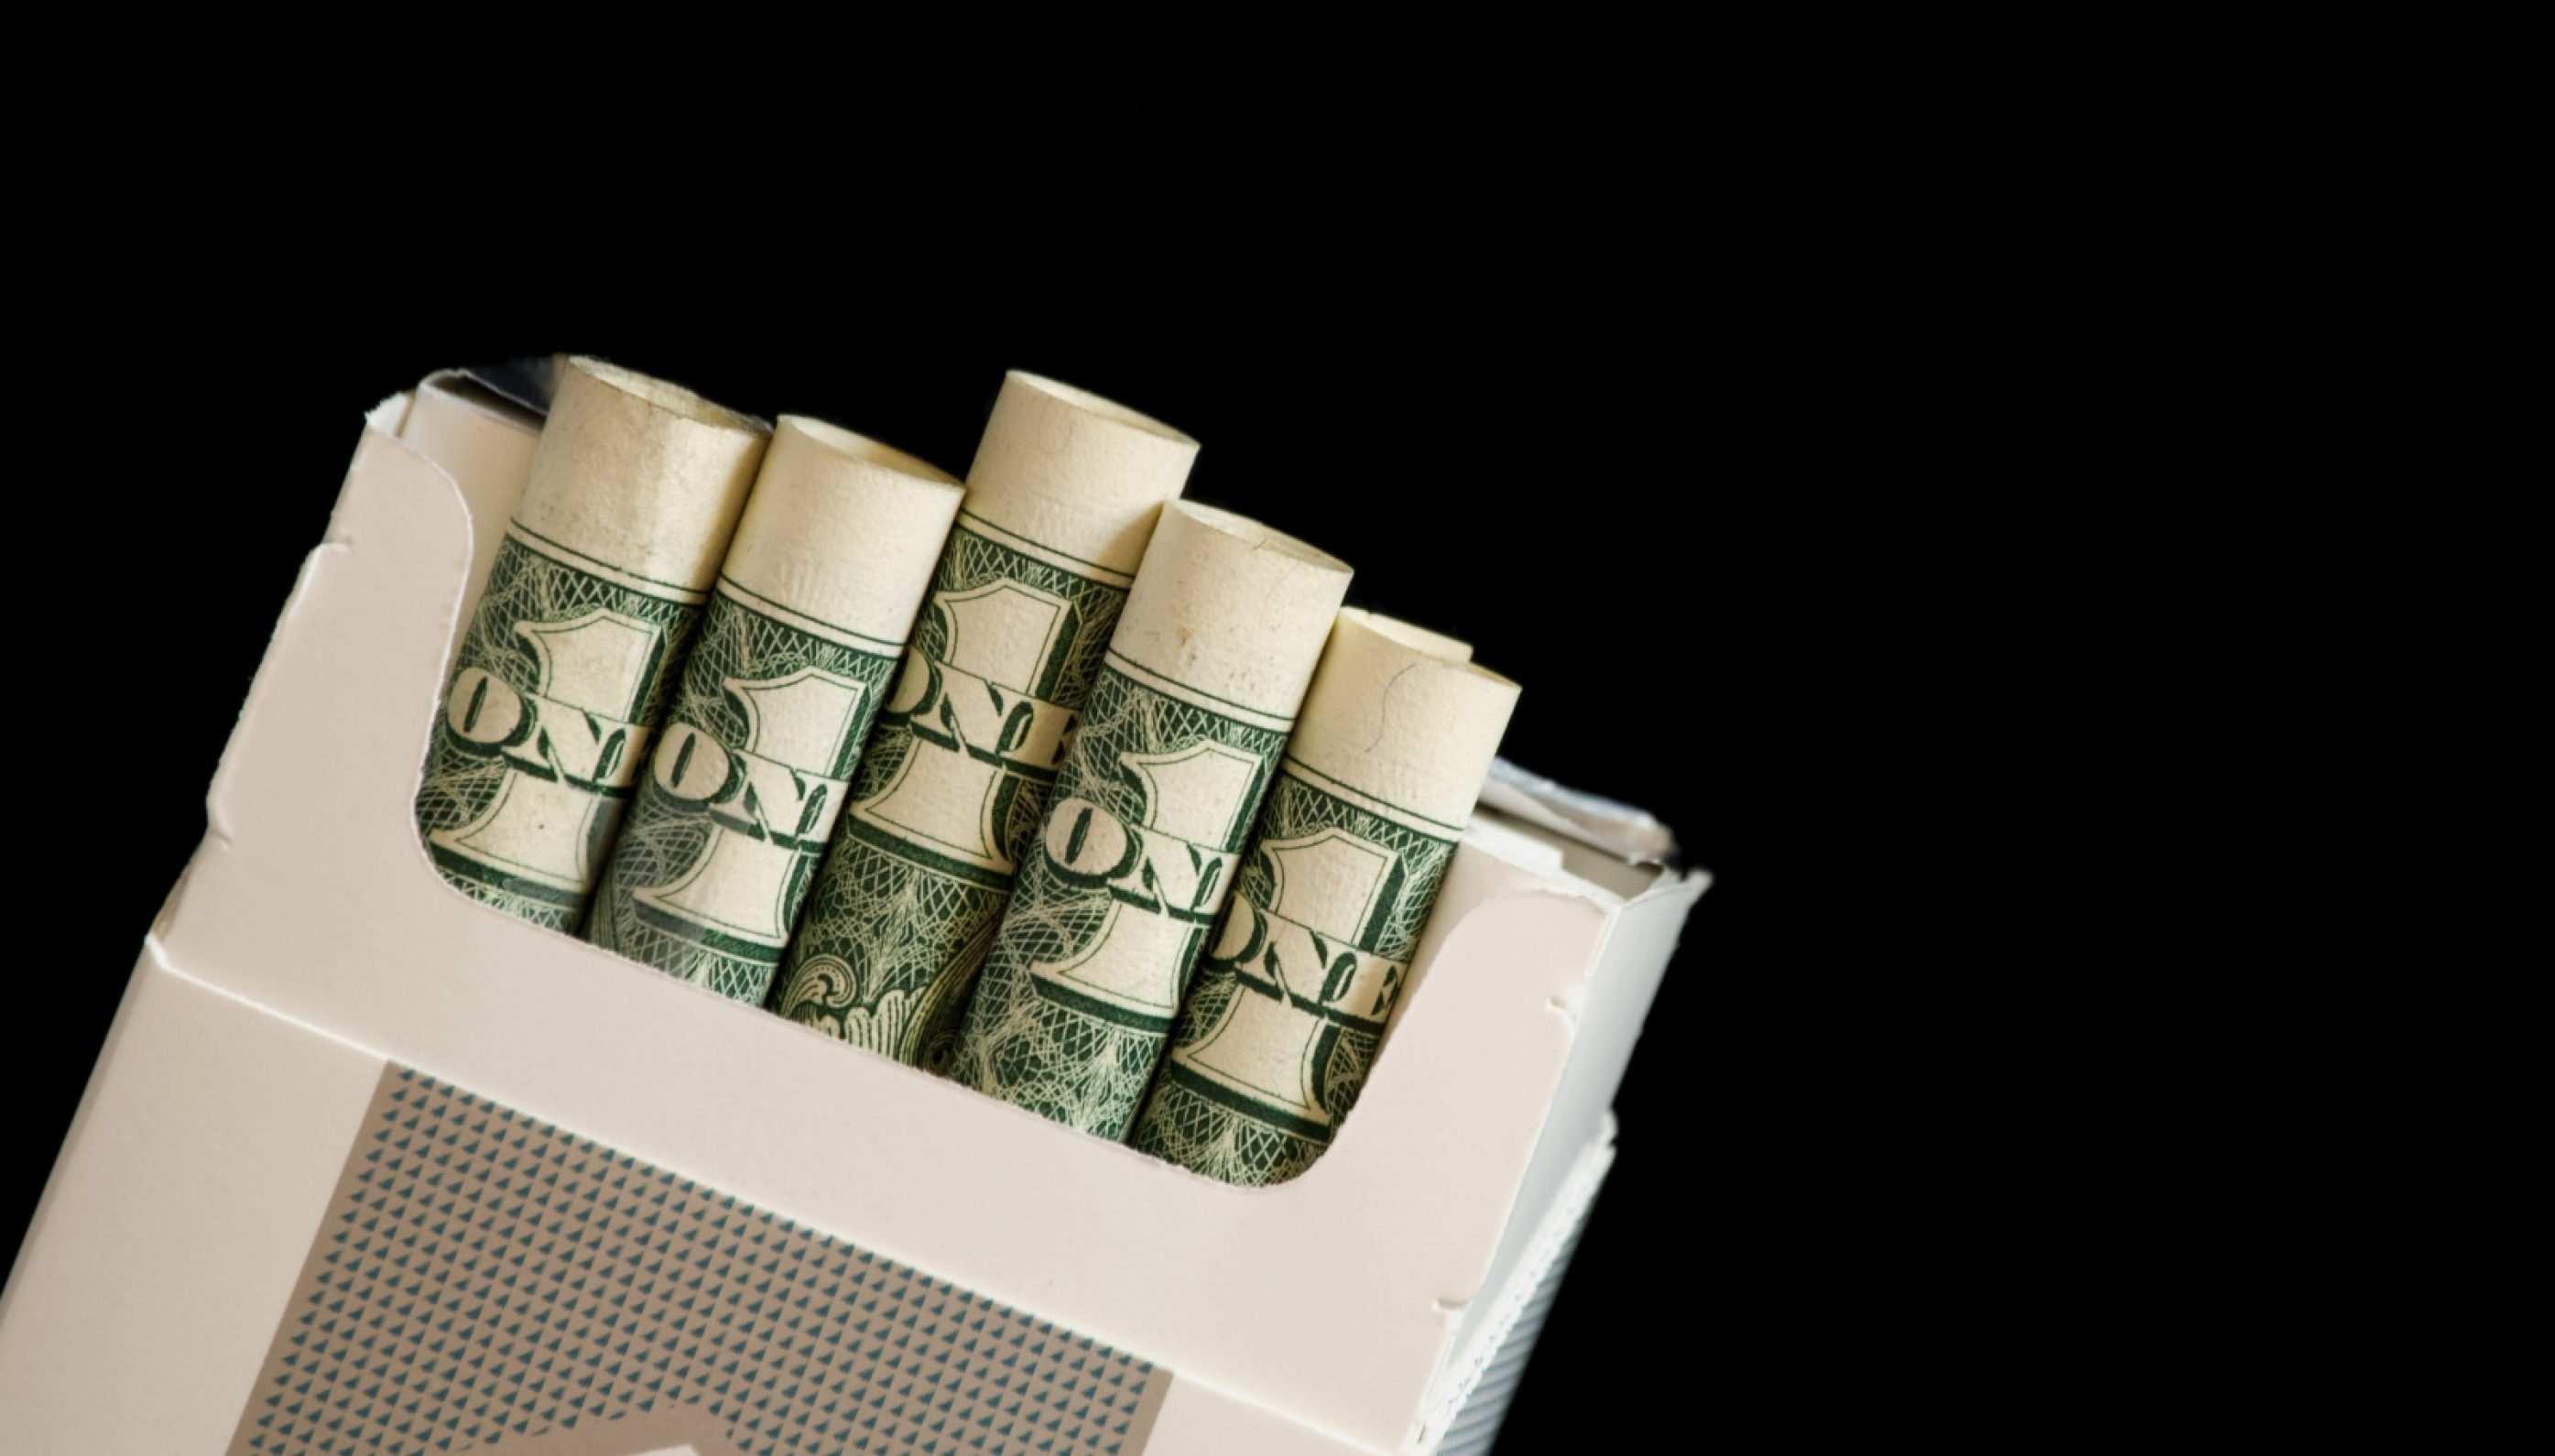 Sigarada asgari maktu vergi tutarı artırıldı!